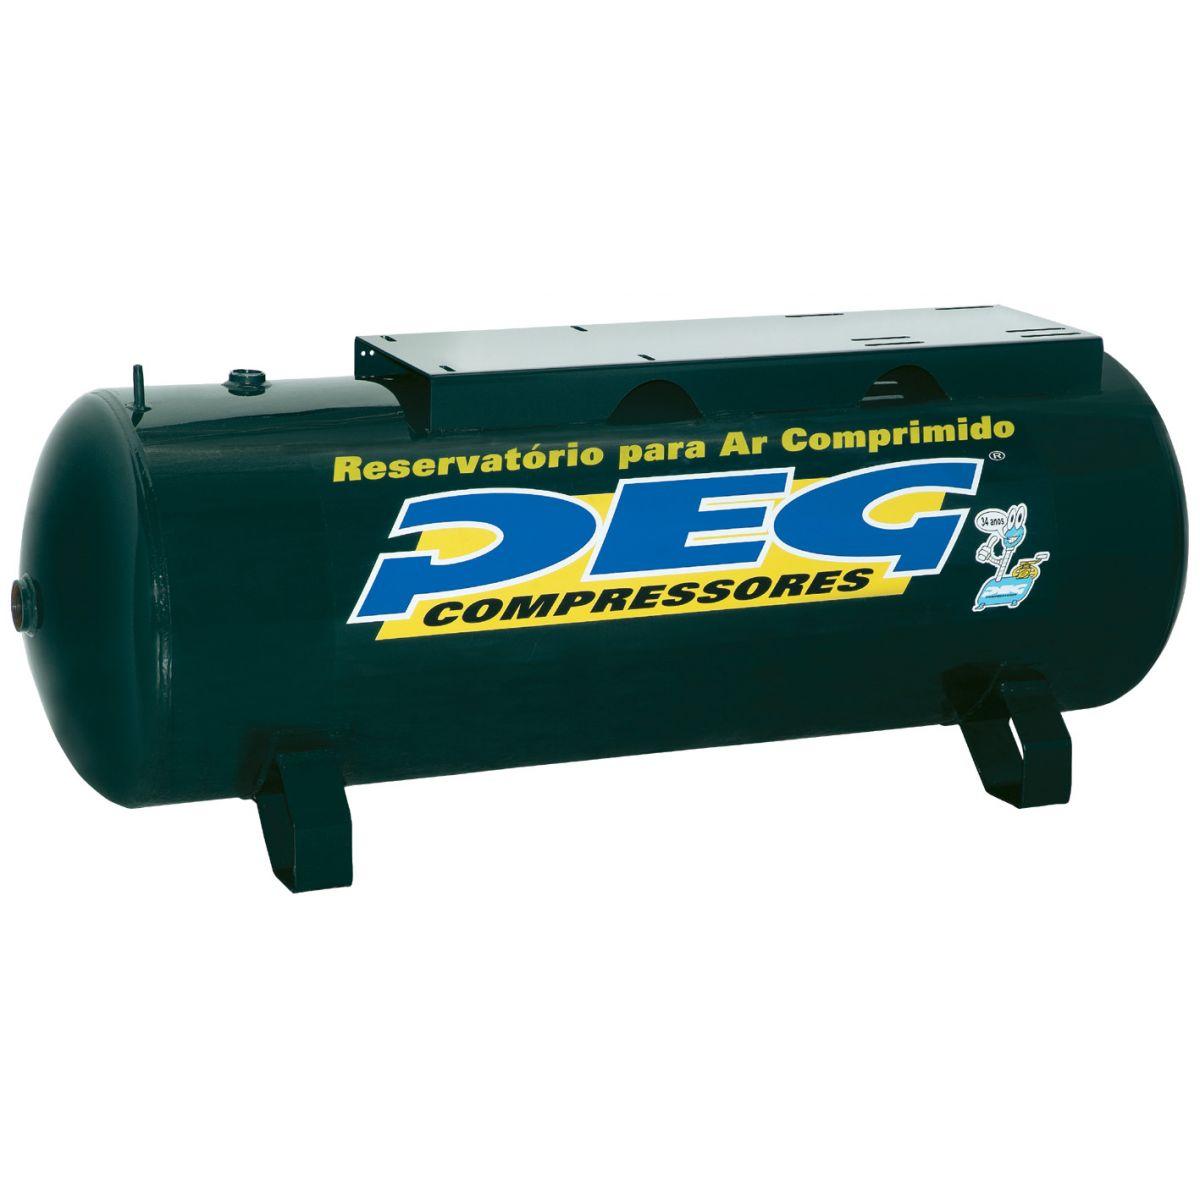 Reservatório de Ar H525L  - Sócompressores